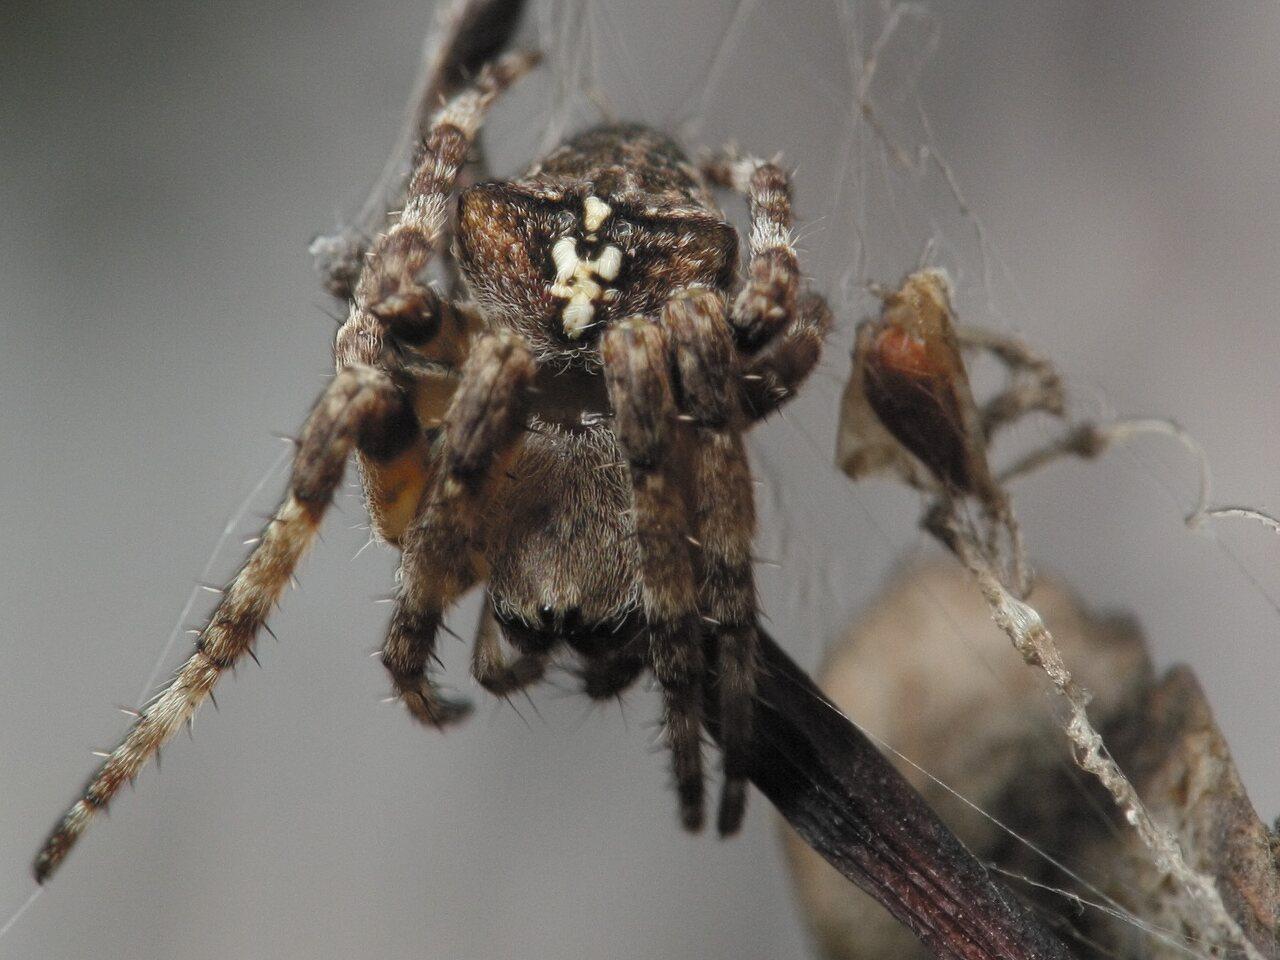 Araneus-angulatus-4623.jpg